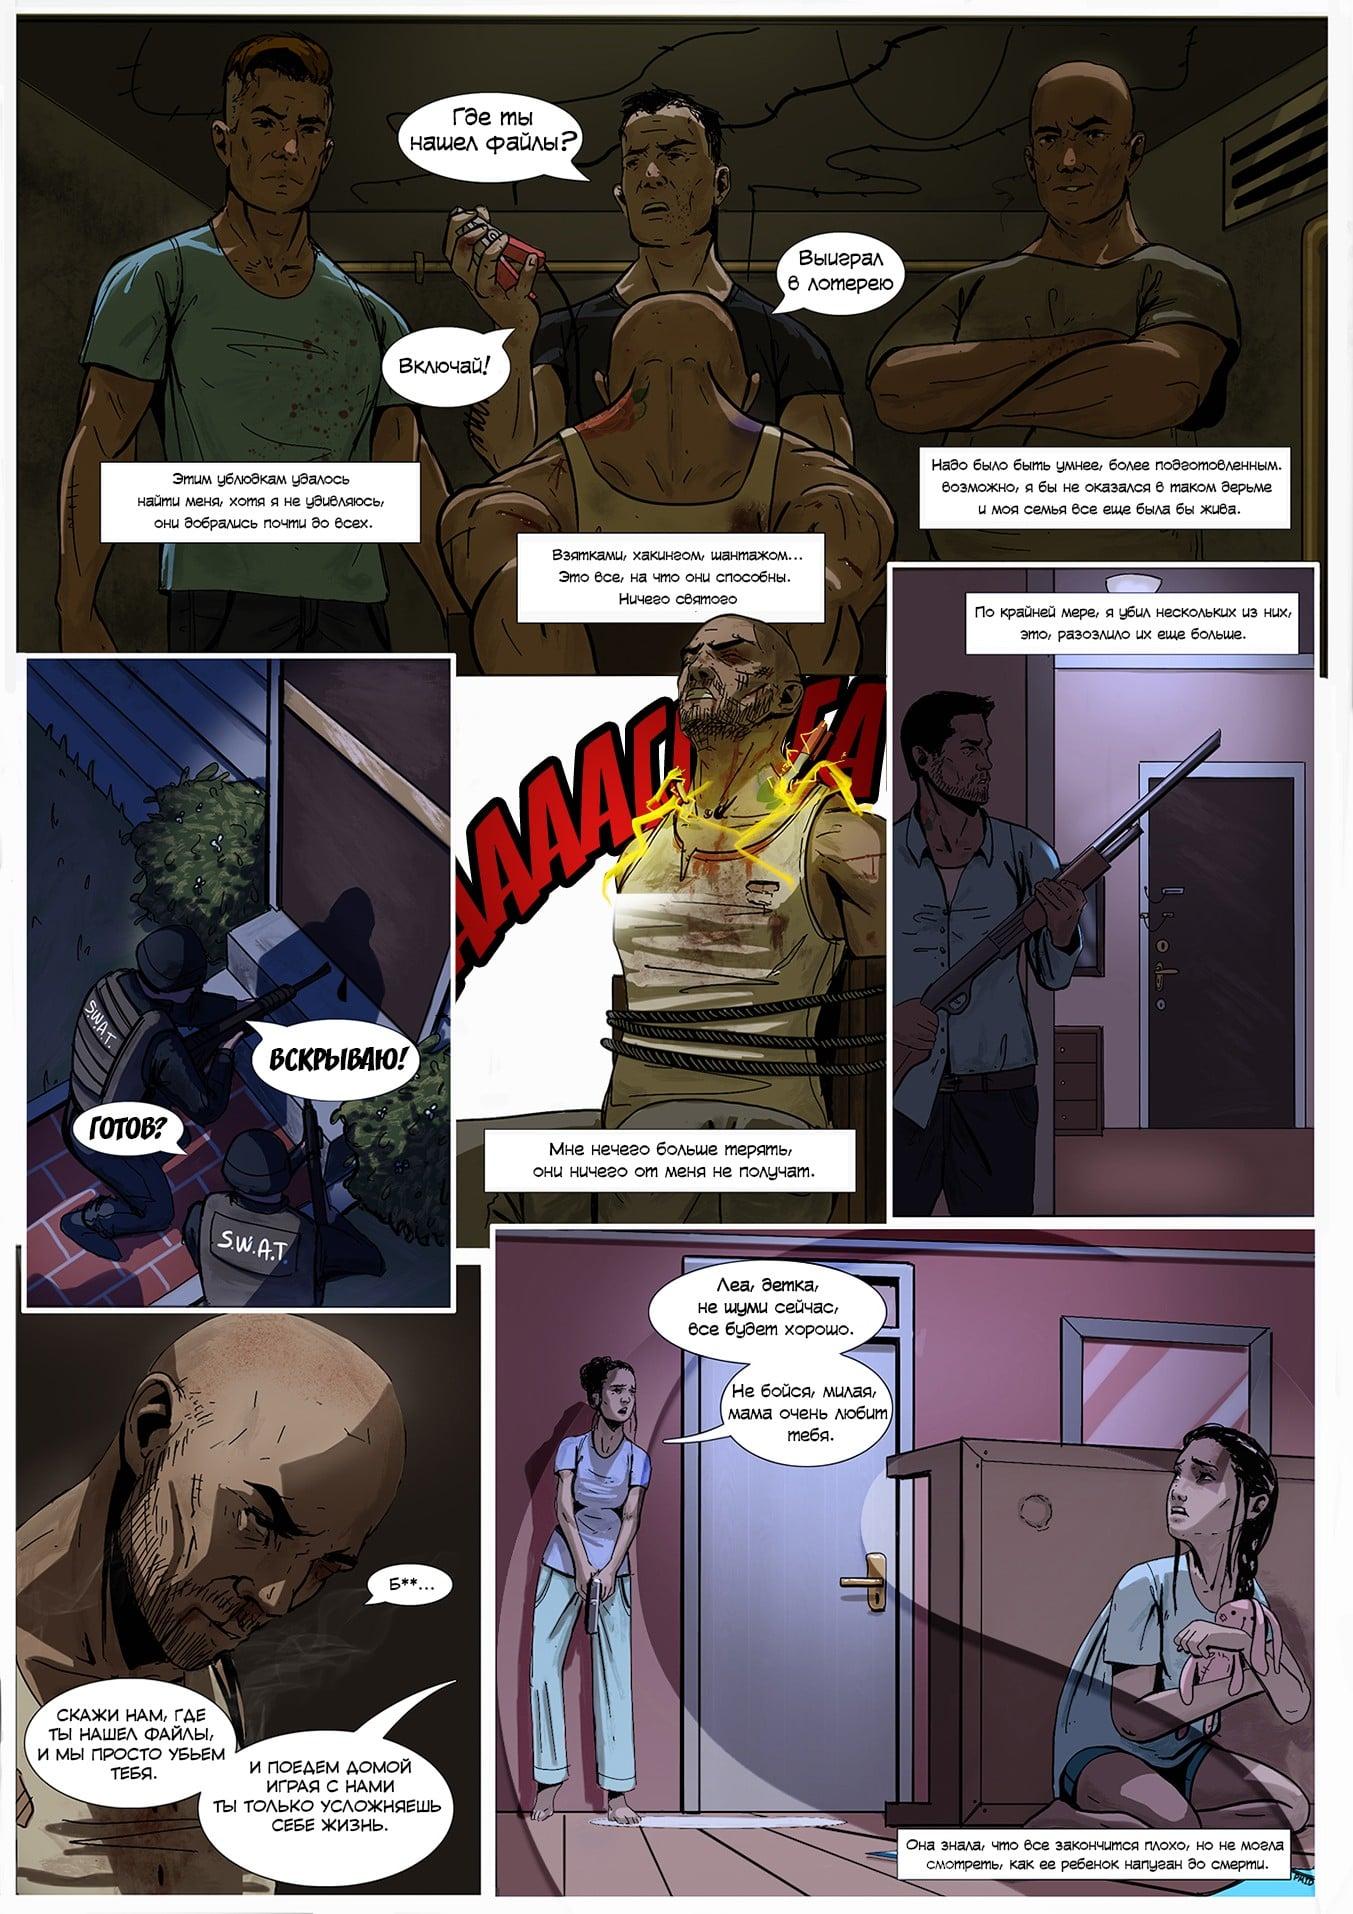 SCUM comic #1